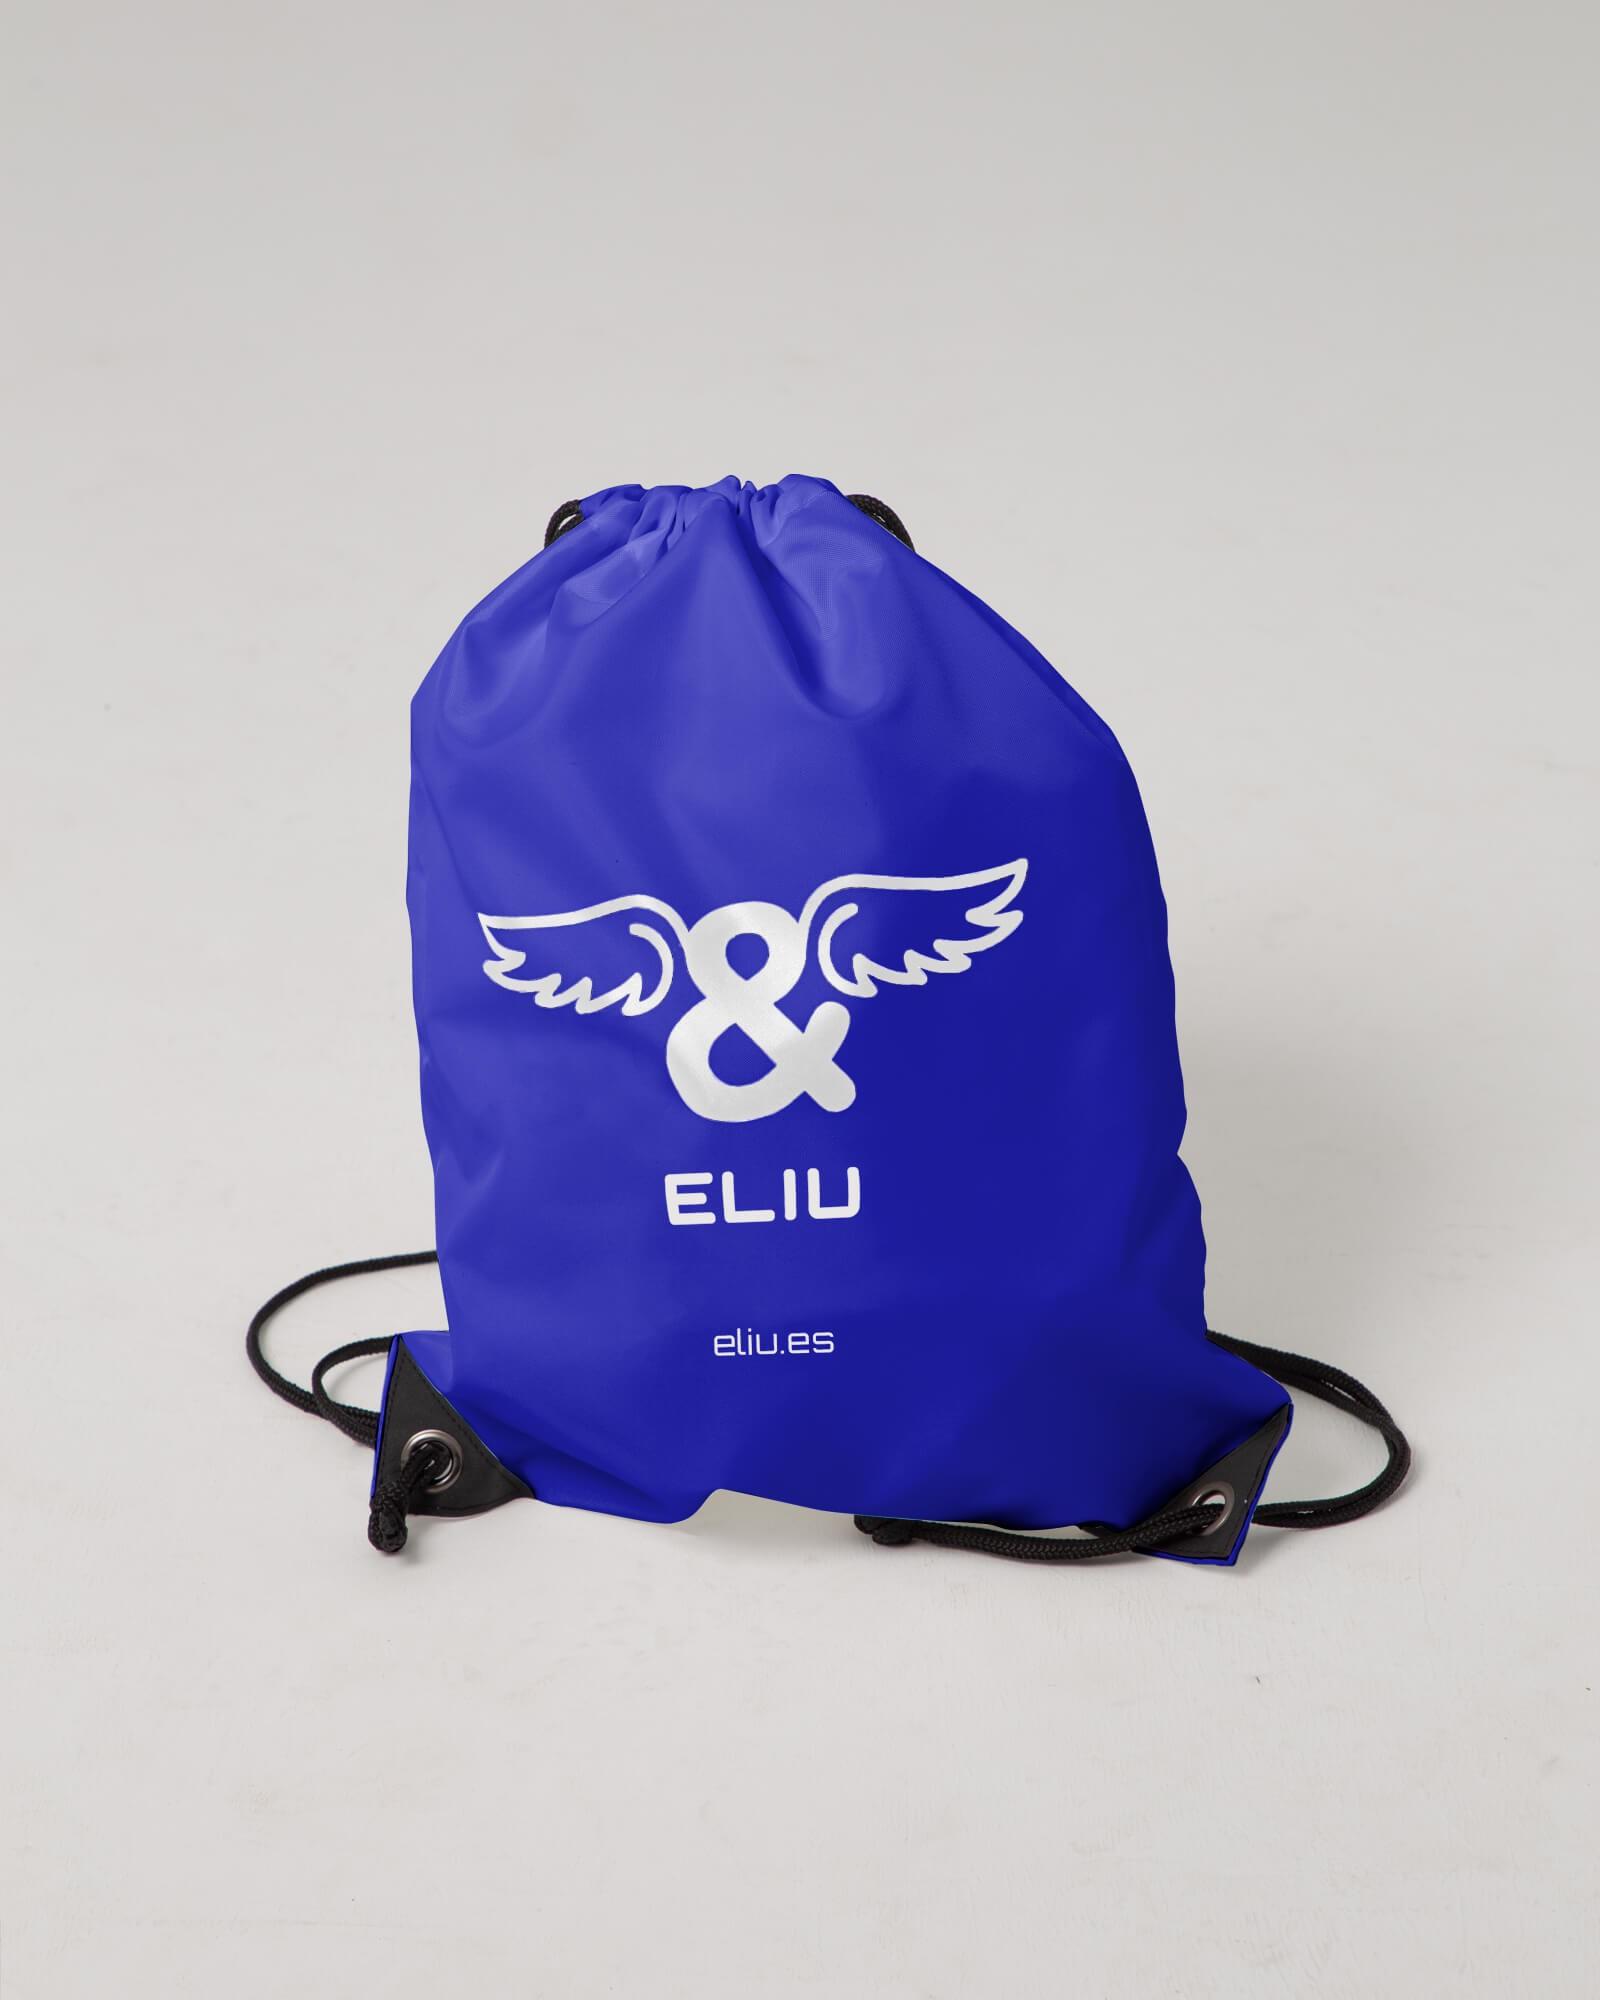 Mochila básica azul con logo en la parte delantera. Estilo urbano marca ELIU streetwear.